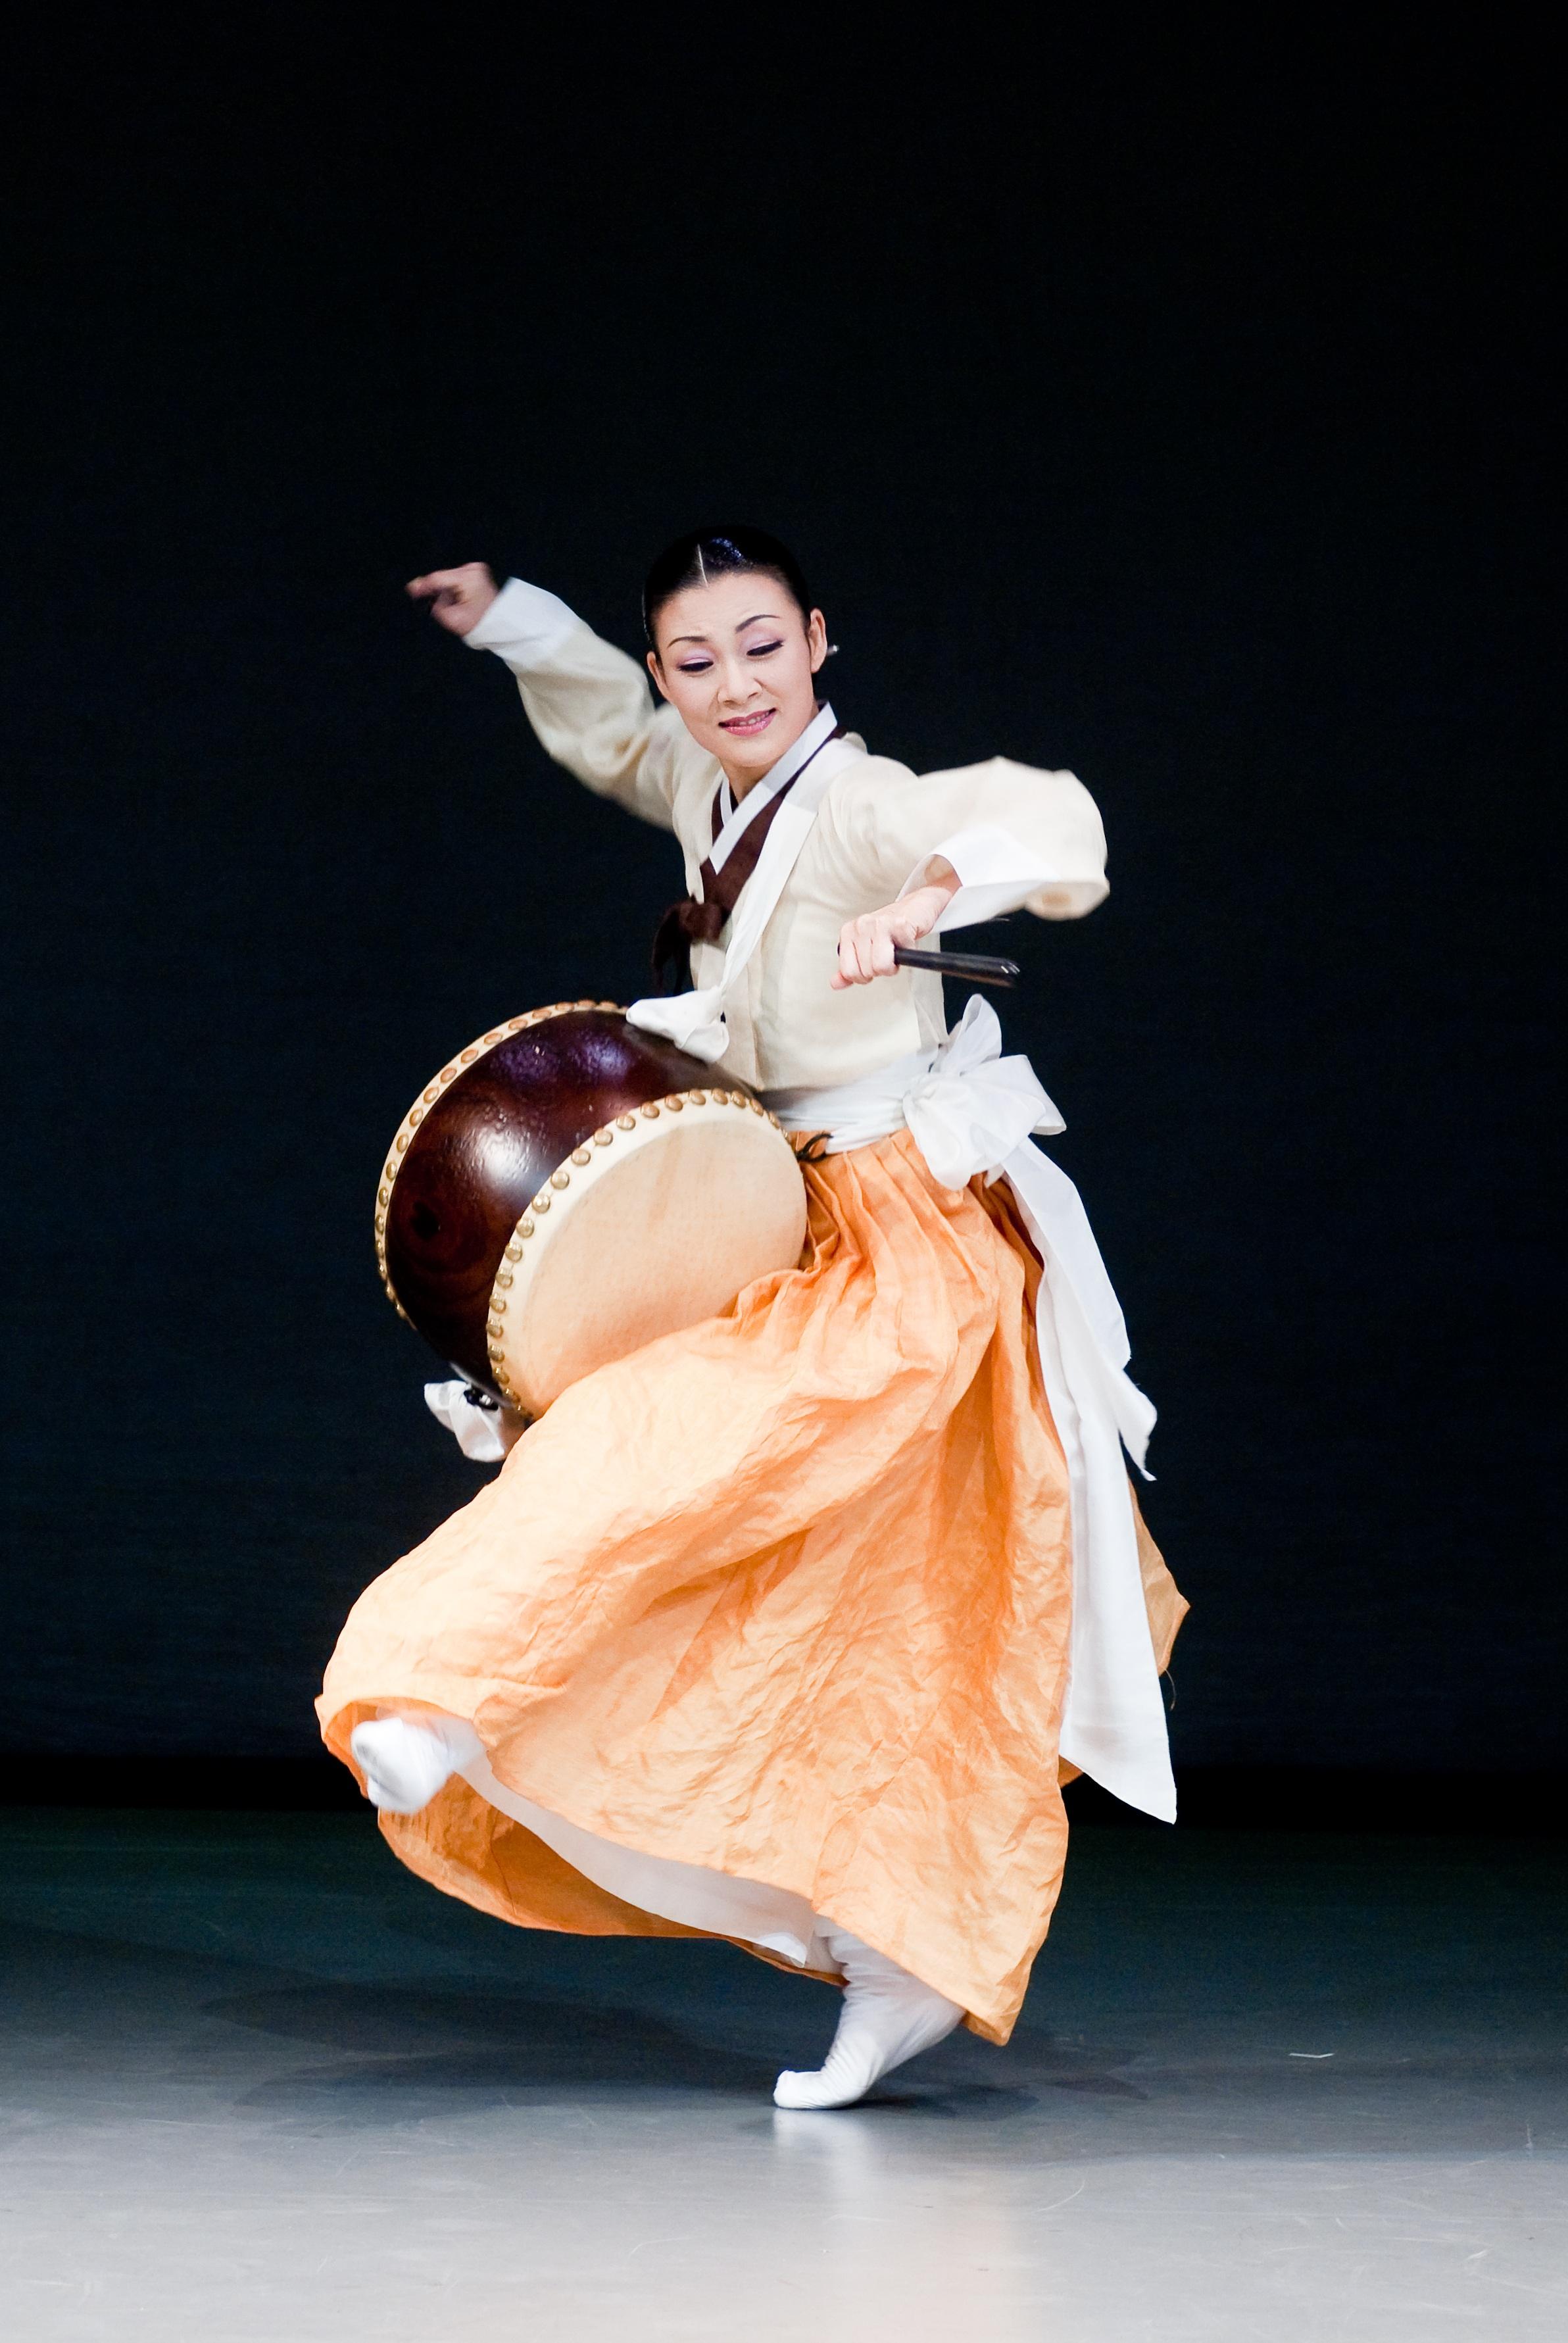 Không chỉ biểu diễn ở Hà Nội, đoàn múa nổi tiếng xứ Hàn còn biểu diễn trong Festival Huế 2016. Ảnh: NHTT.